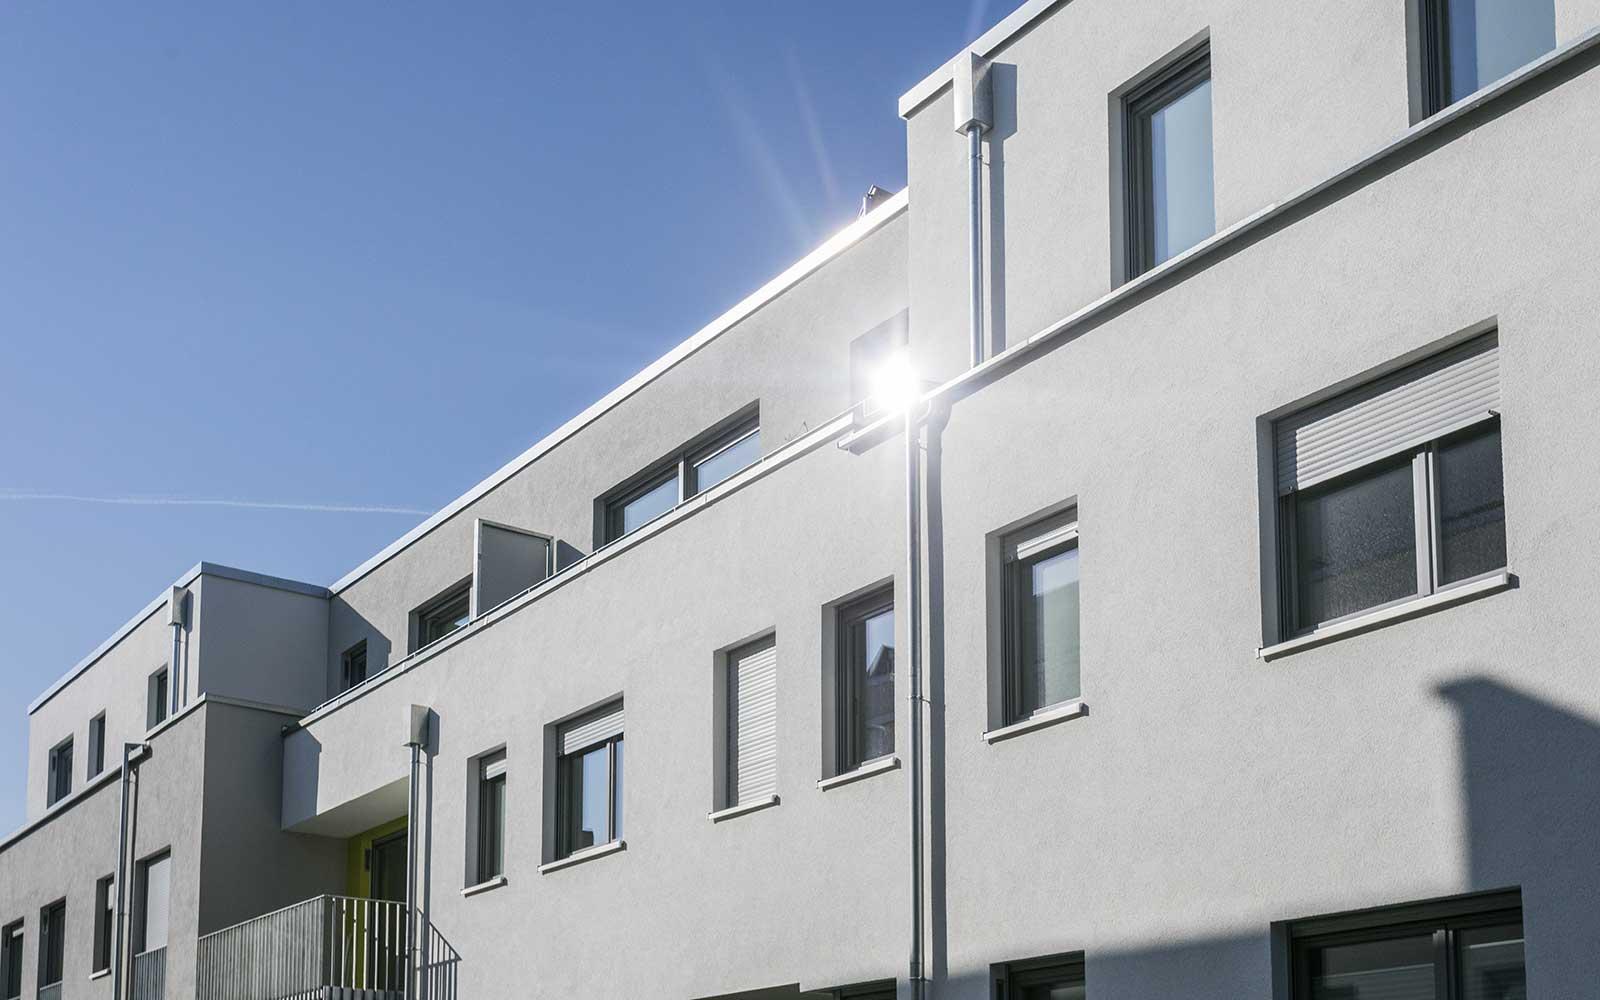 Eigentumswohnungen in Handschuhsheim, Architekt Heidelberg: Kochhan und Weckbach